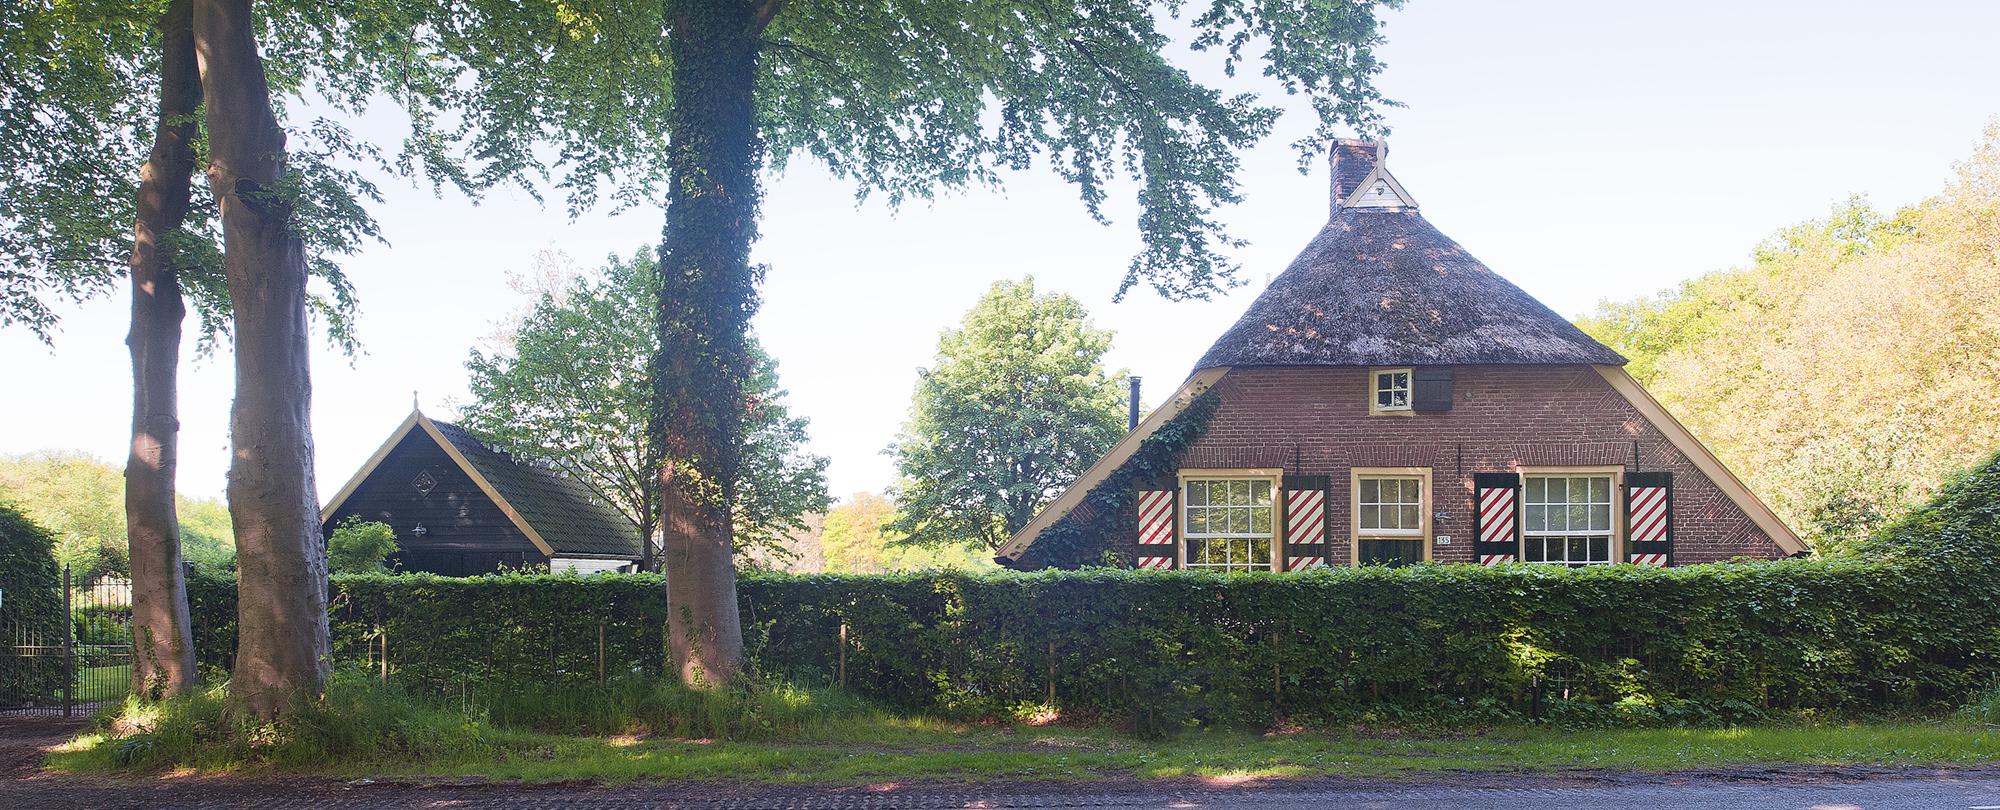 Monument Brummen Voorsterweg Oude Smidse   Monumenten fotograaf